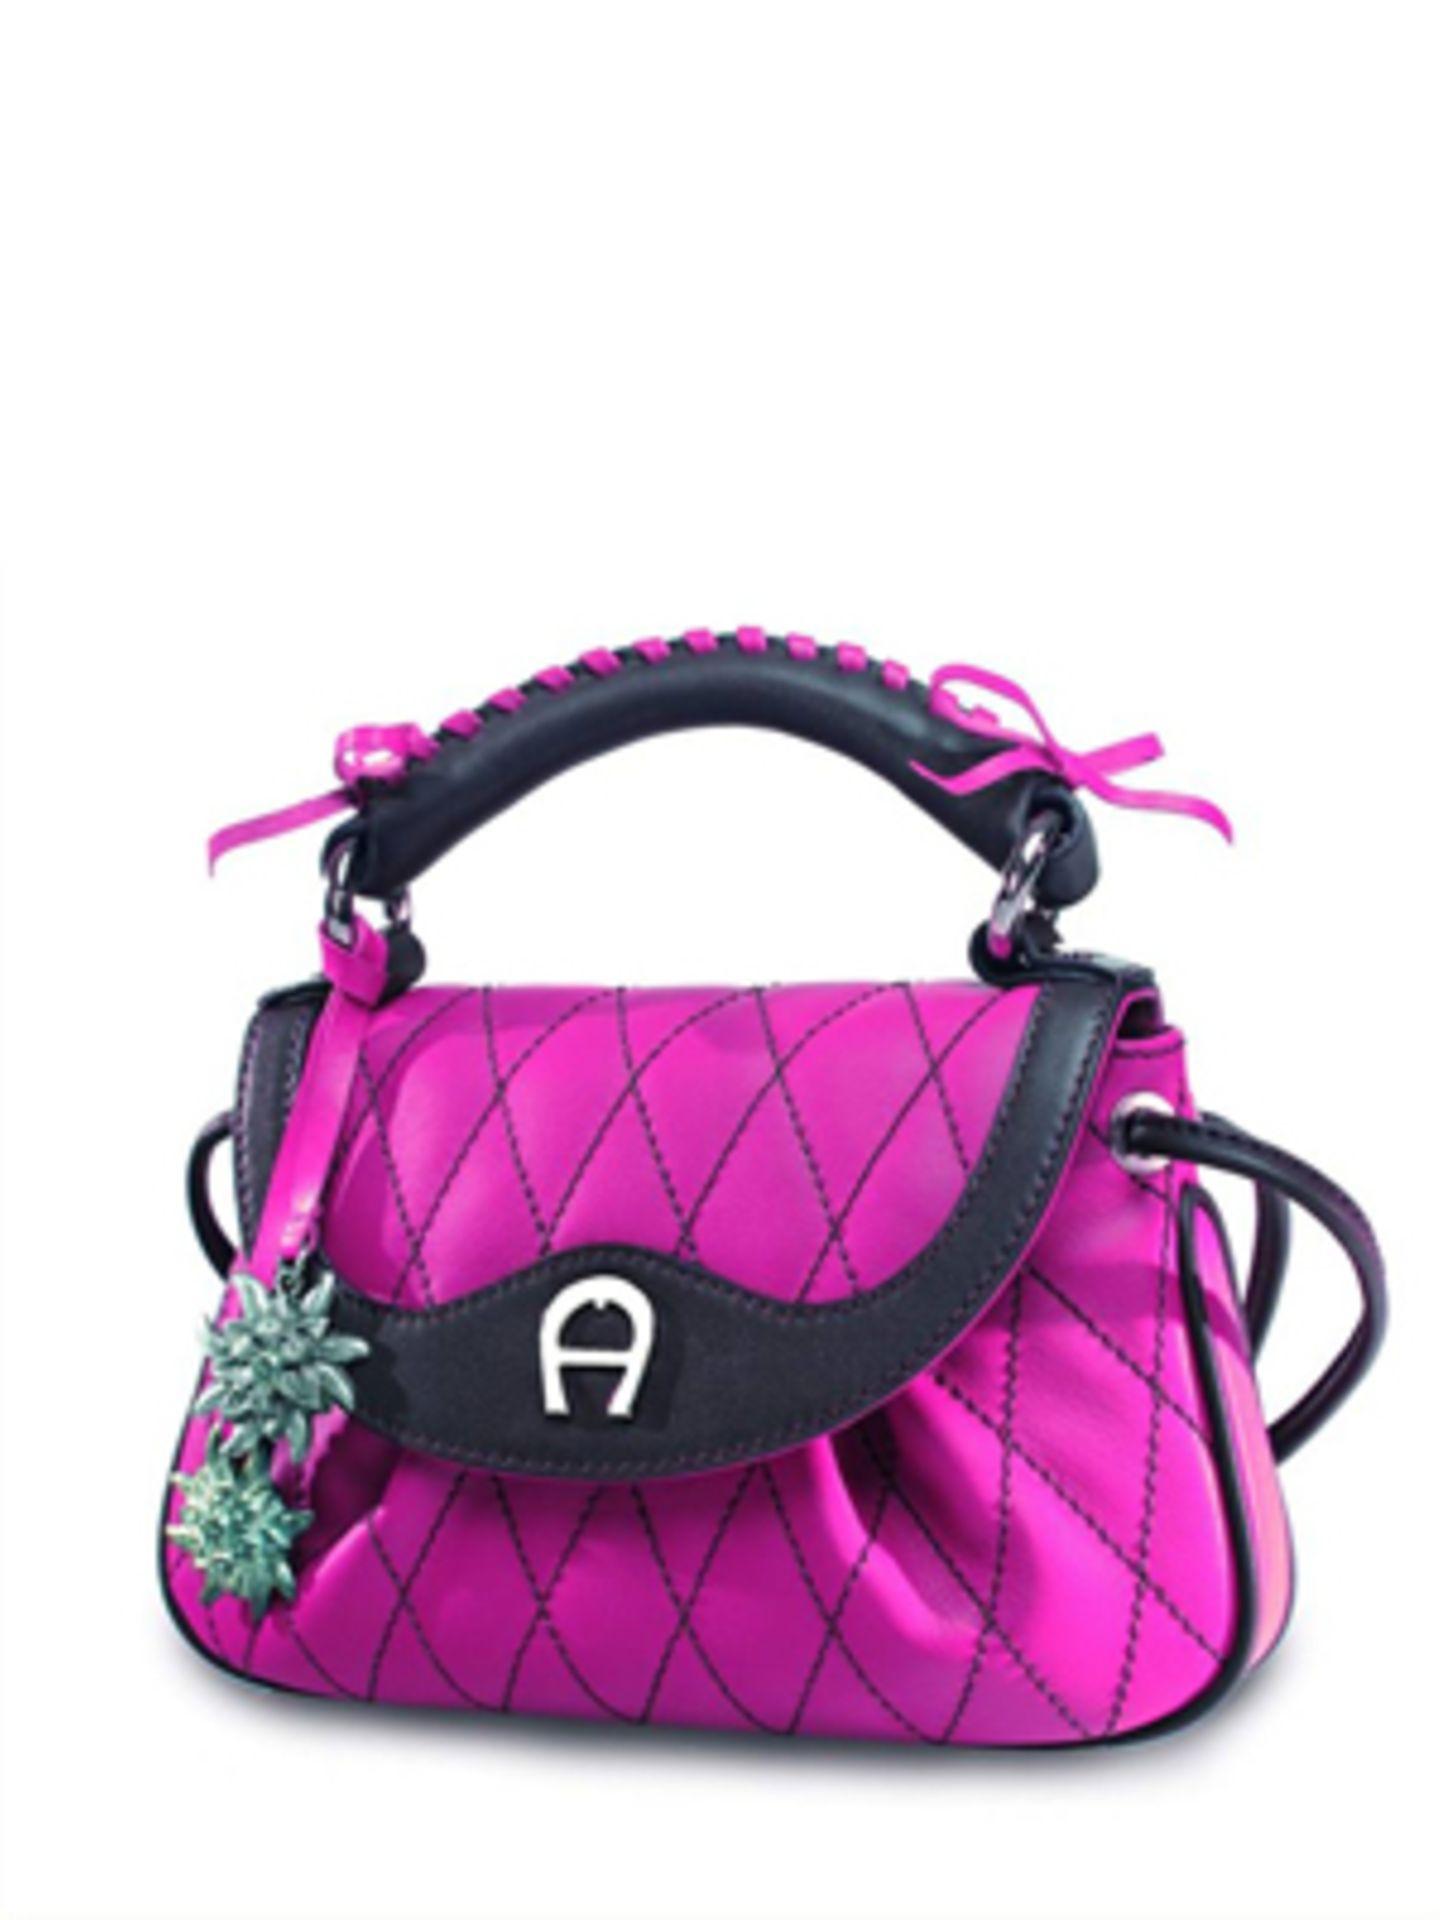 Pinkfarbene, gesteppte Ledertasche mit vielen kleinen bayrischen Details von Aigner, um 350 Euro.